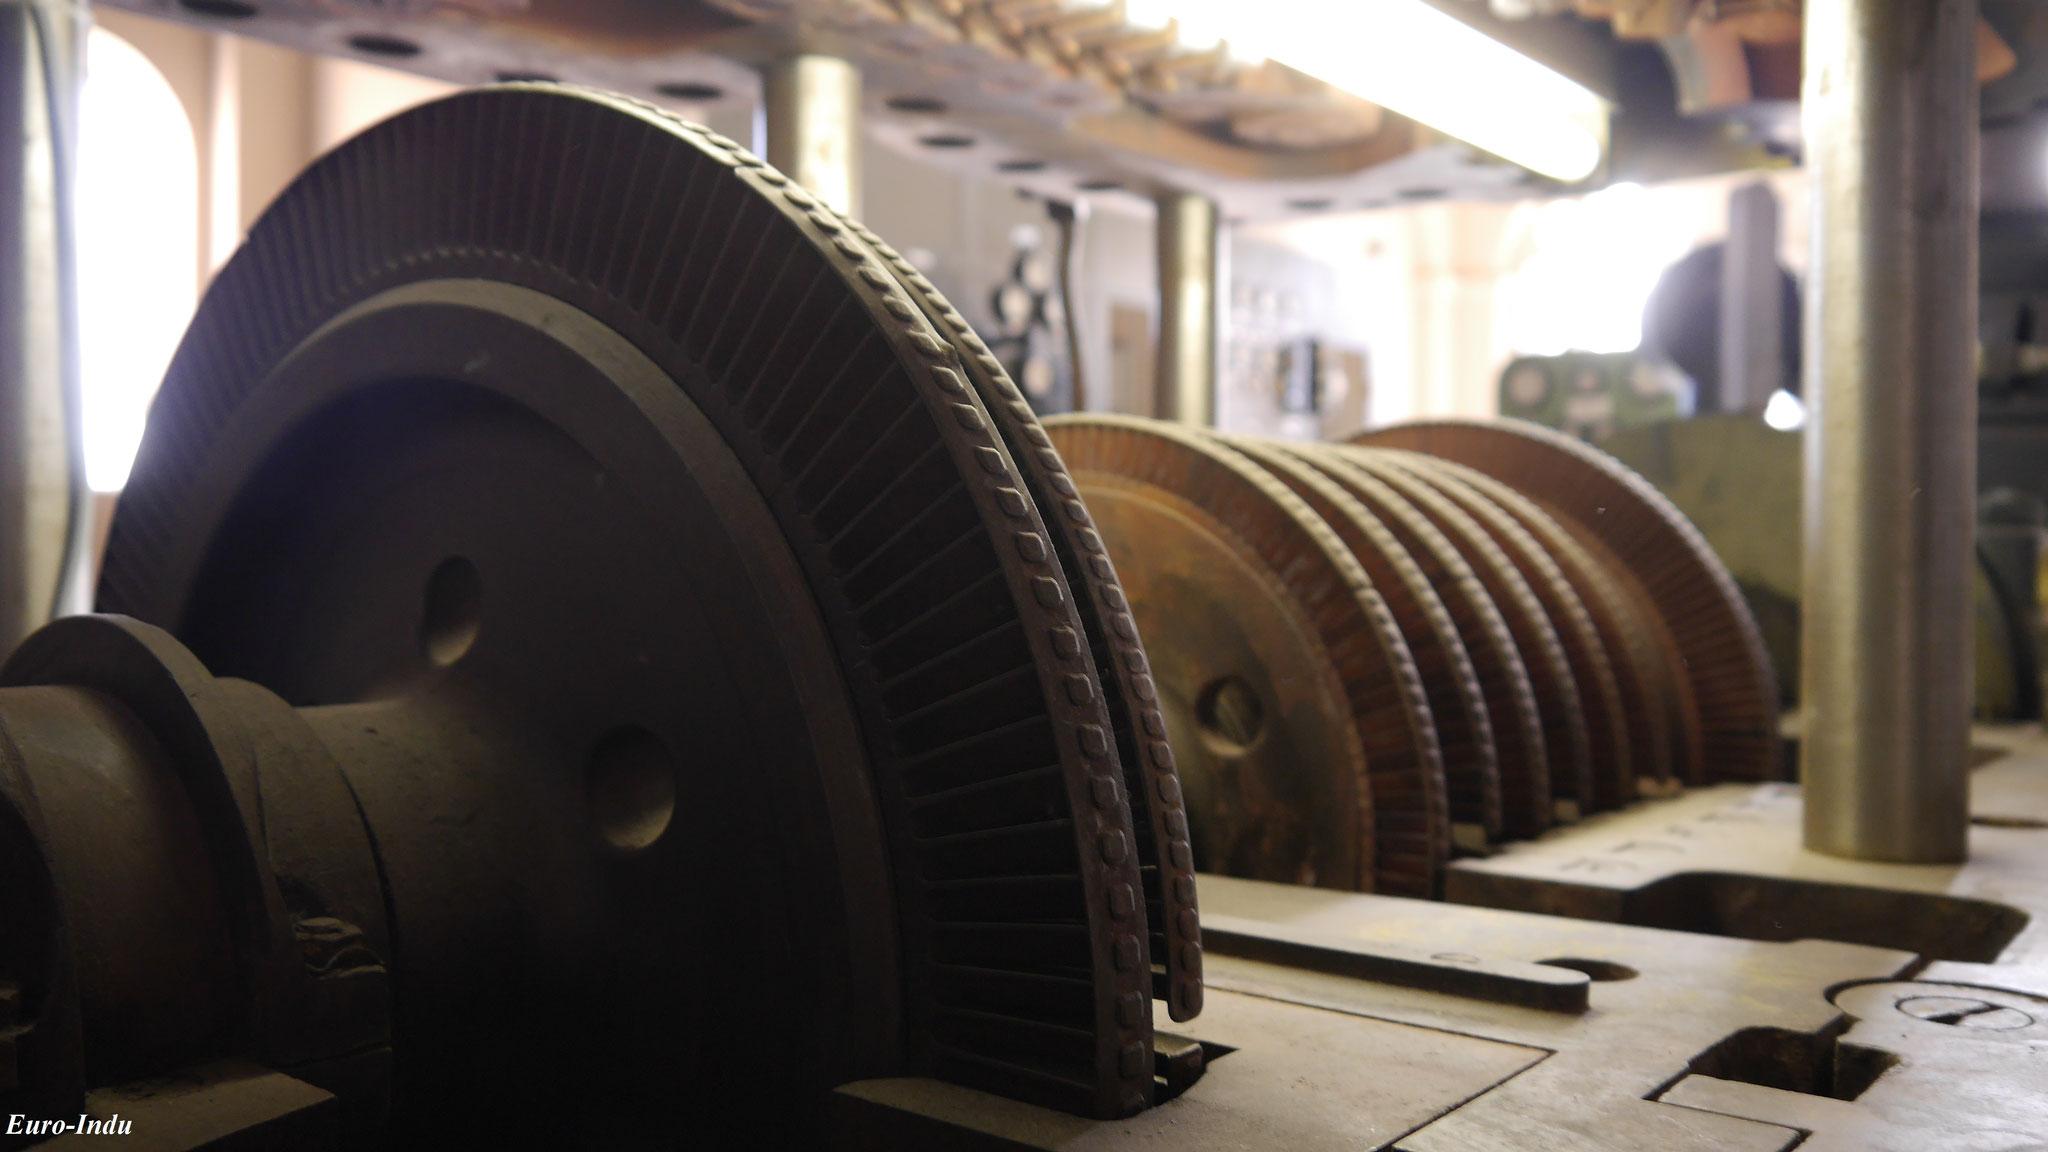 Blick in den geöffneten Läufer neuen Turbomaschine 1 von 1954. Bei Betrieb drehte sich der Läufer etwa 6400 mal in einer Minute.